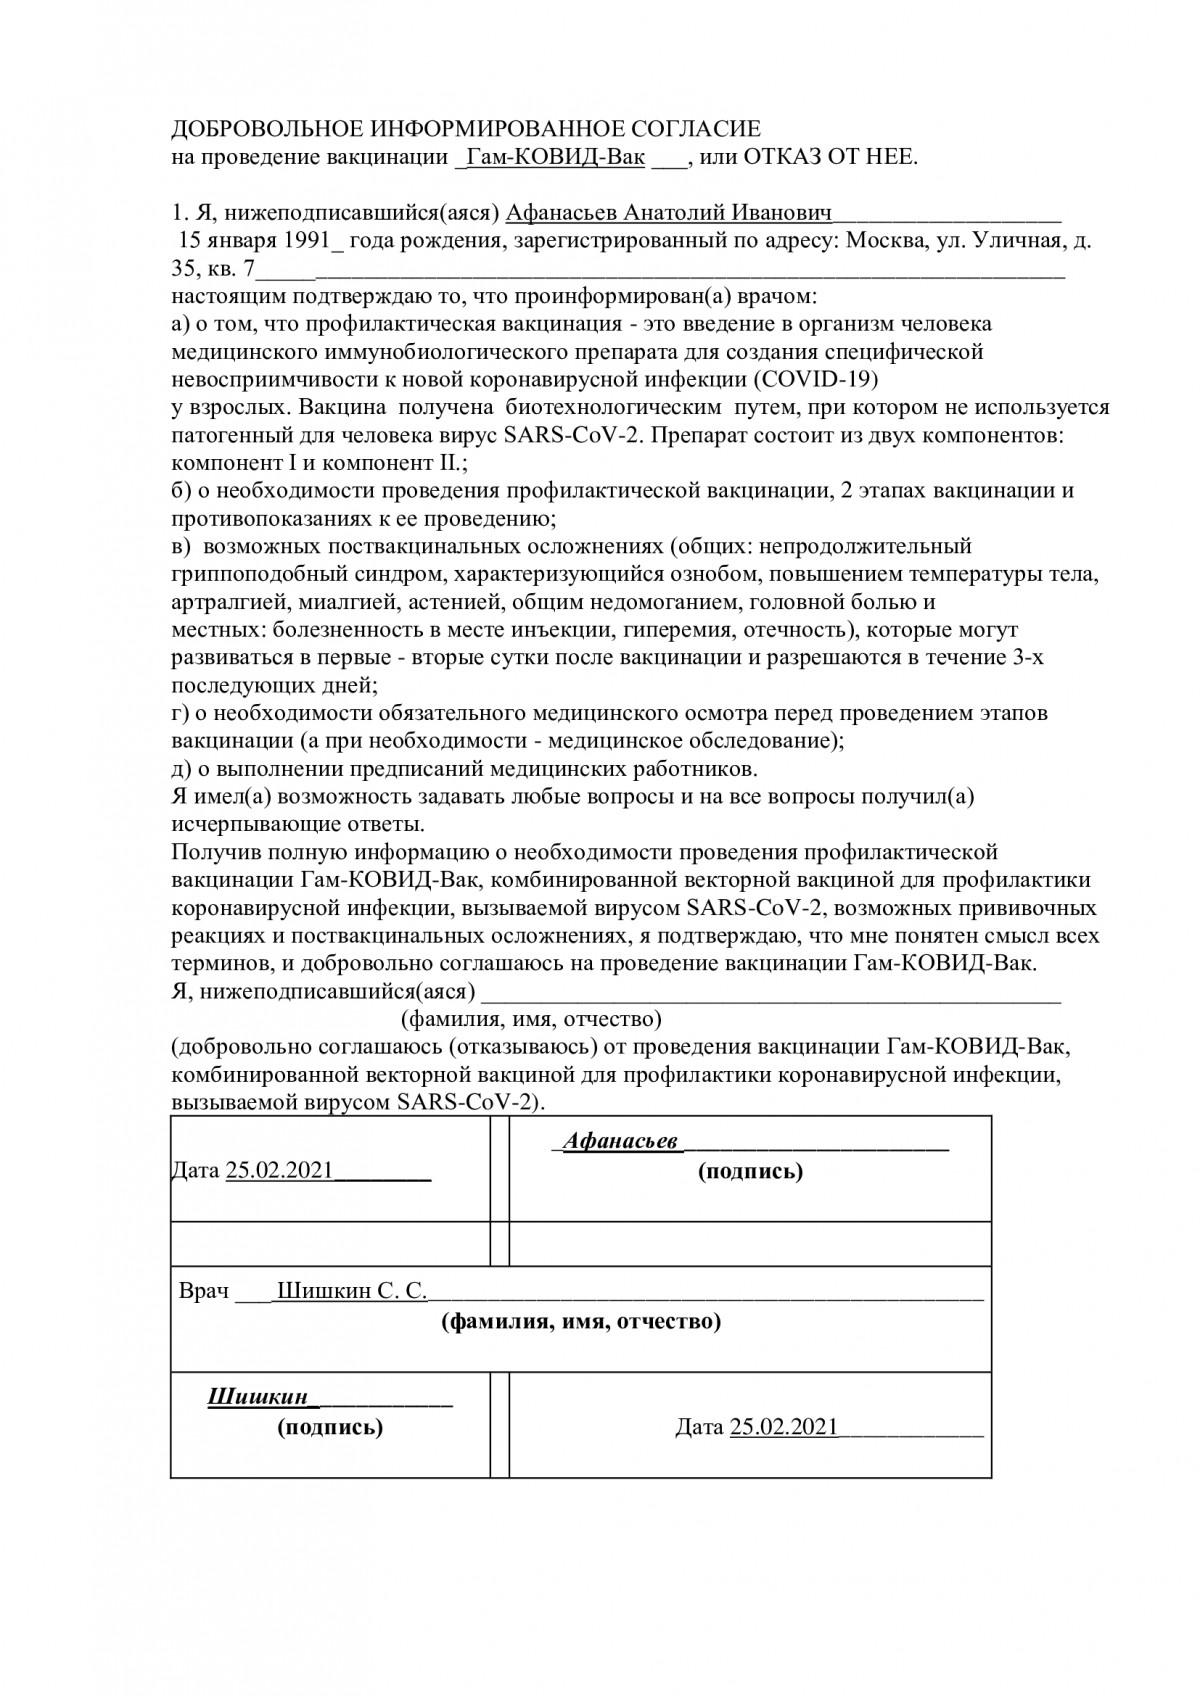 Официальный заполненный образец отказа от прививки от COVID-19